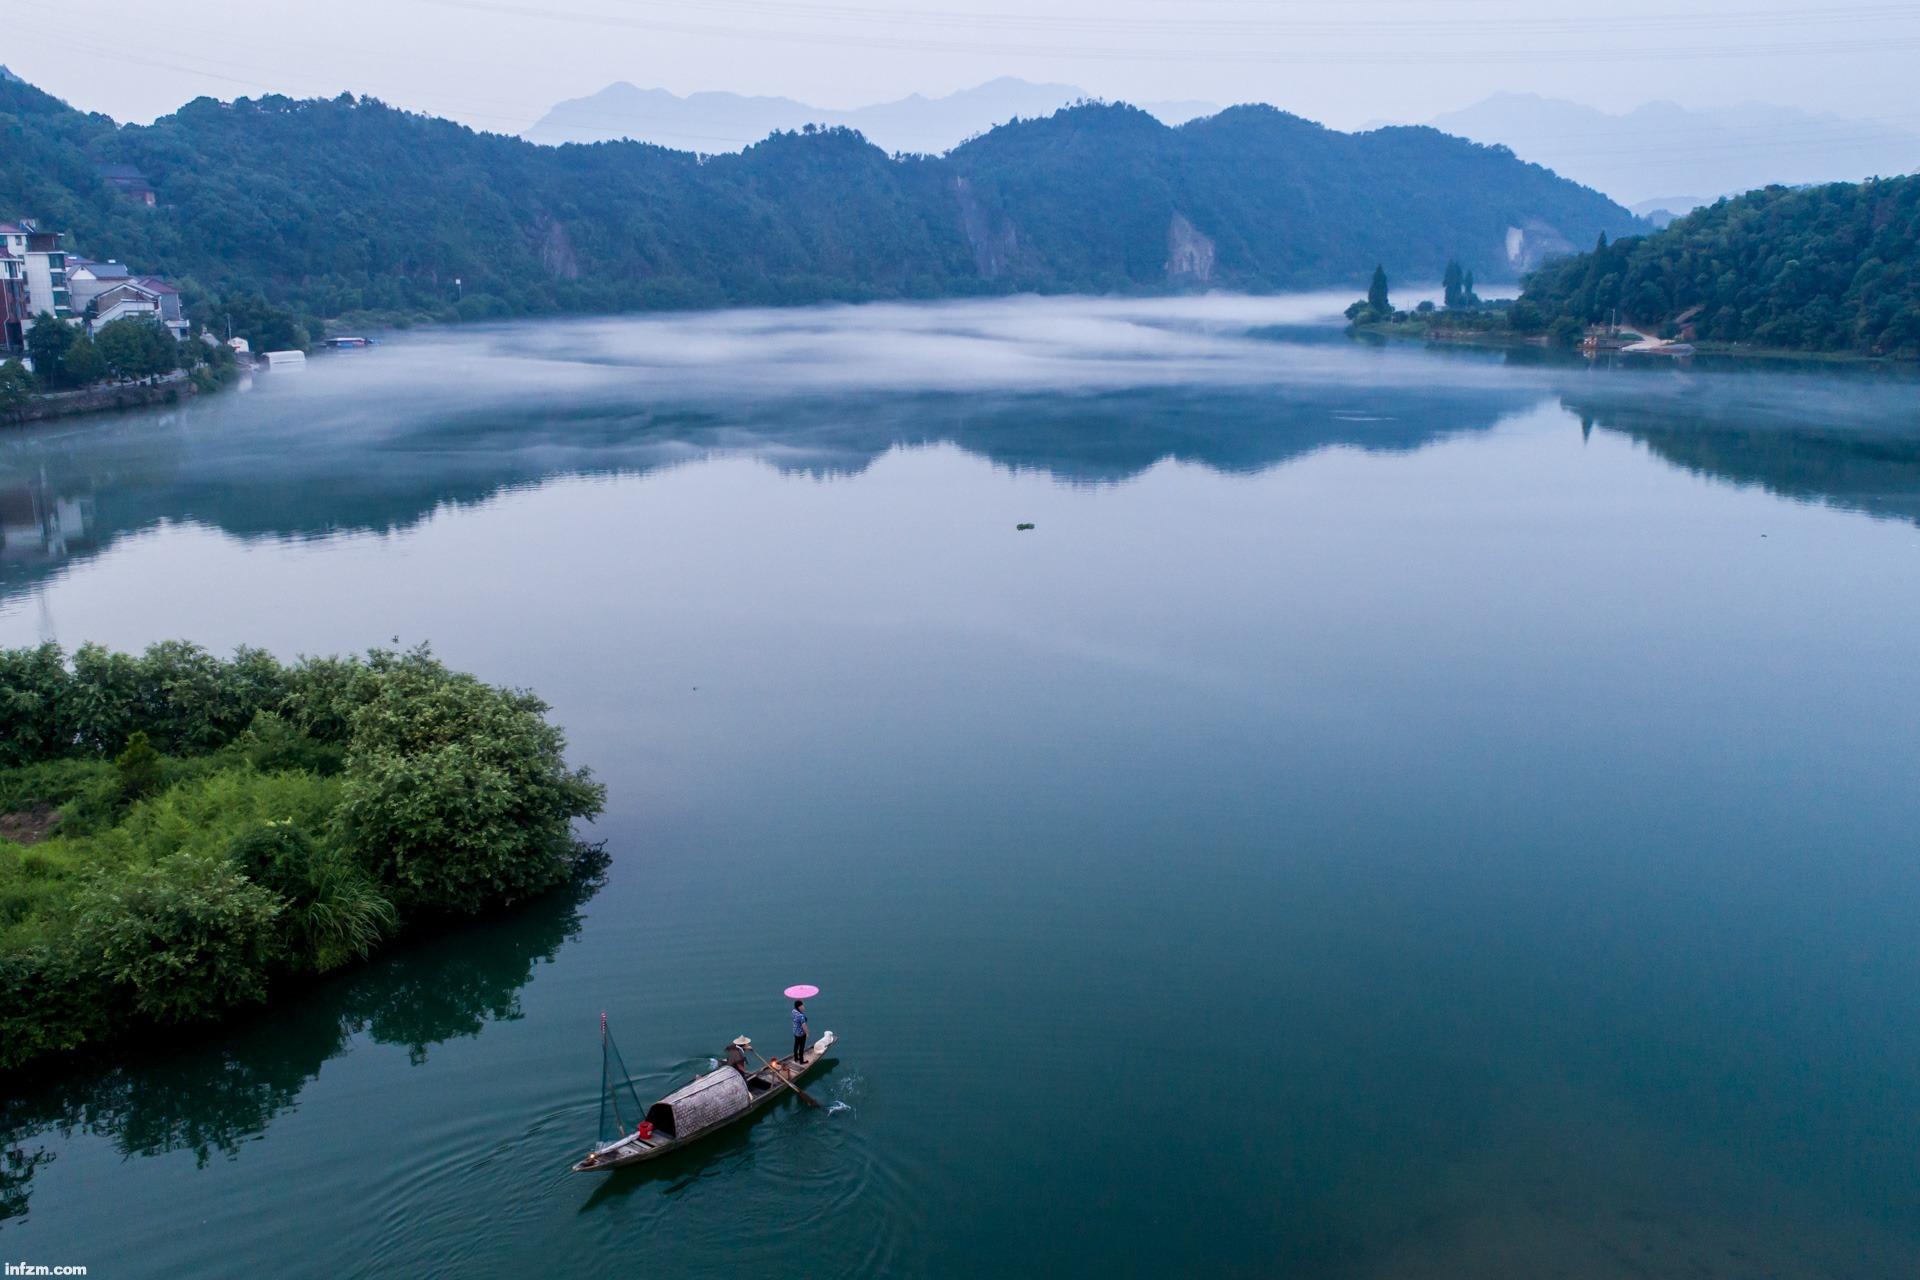 浙江建德市下涯镇的新安江江面升起白雾,呈现出美丽的风景.